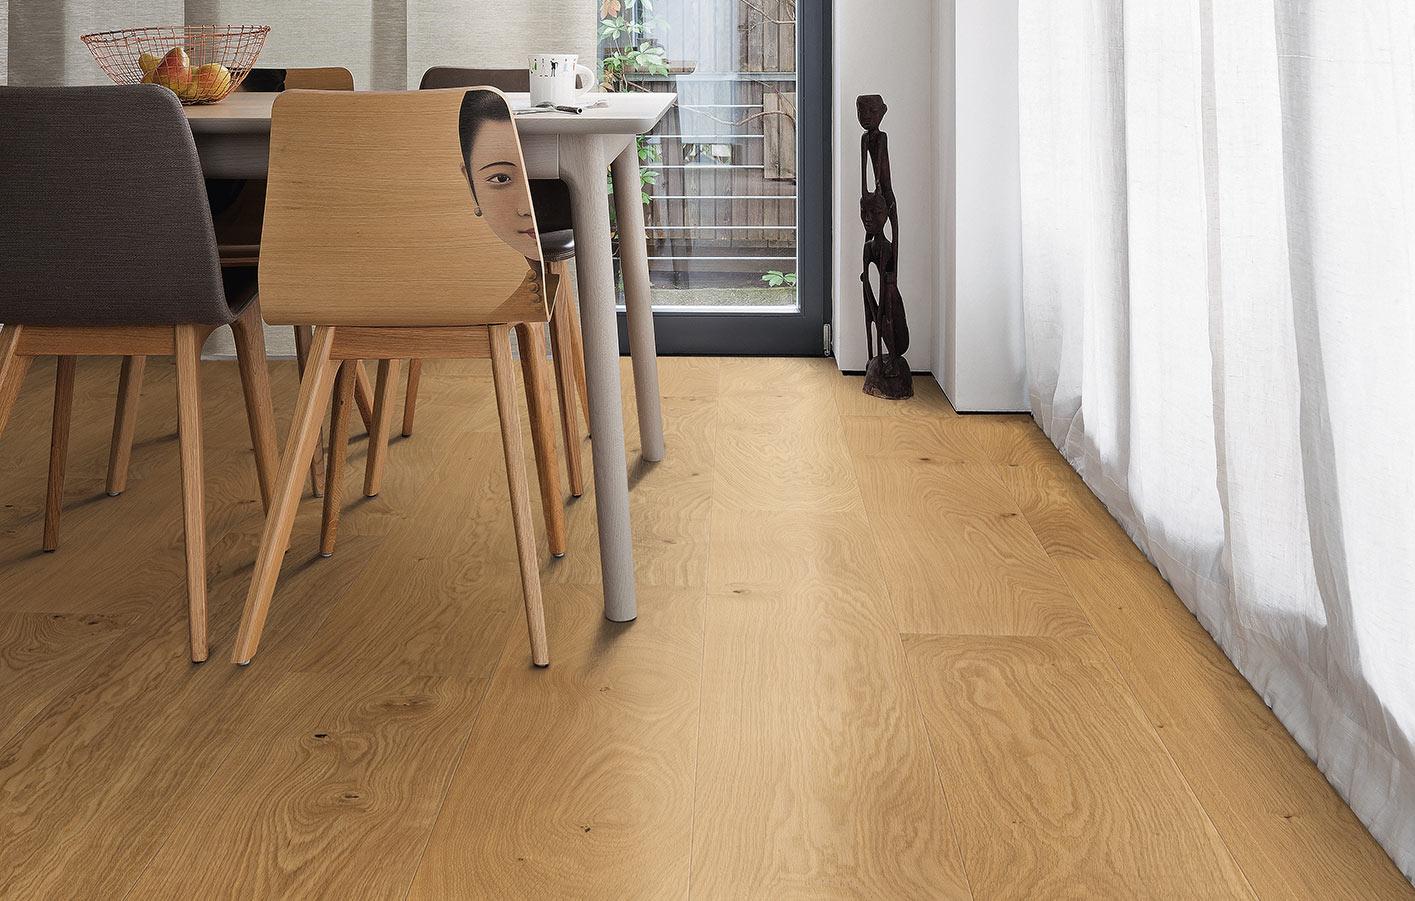 Vinyl Fußboden Für Terrasse ~ Korken korkboden parkett vinyl laminat backnang schwäbisch hall